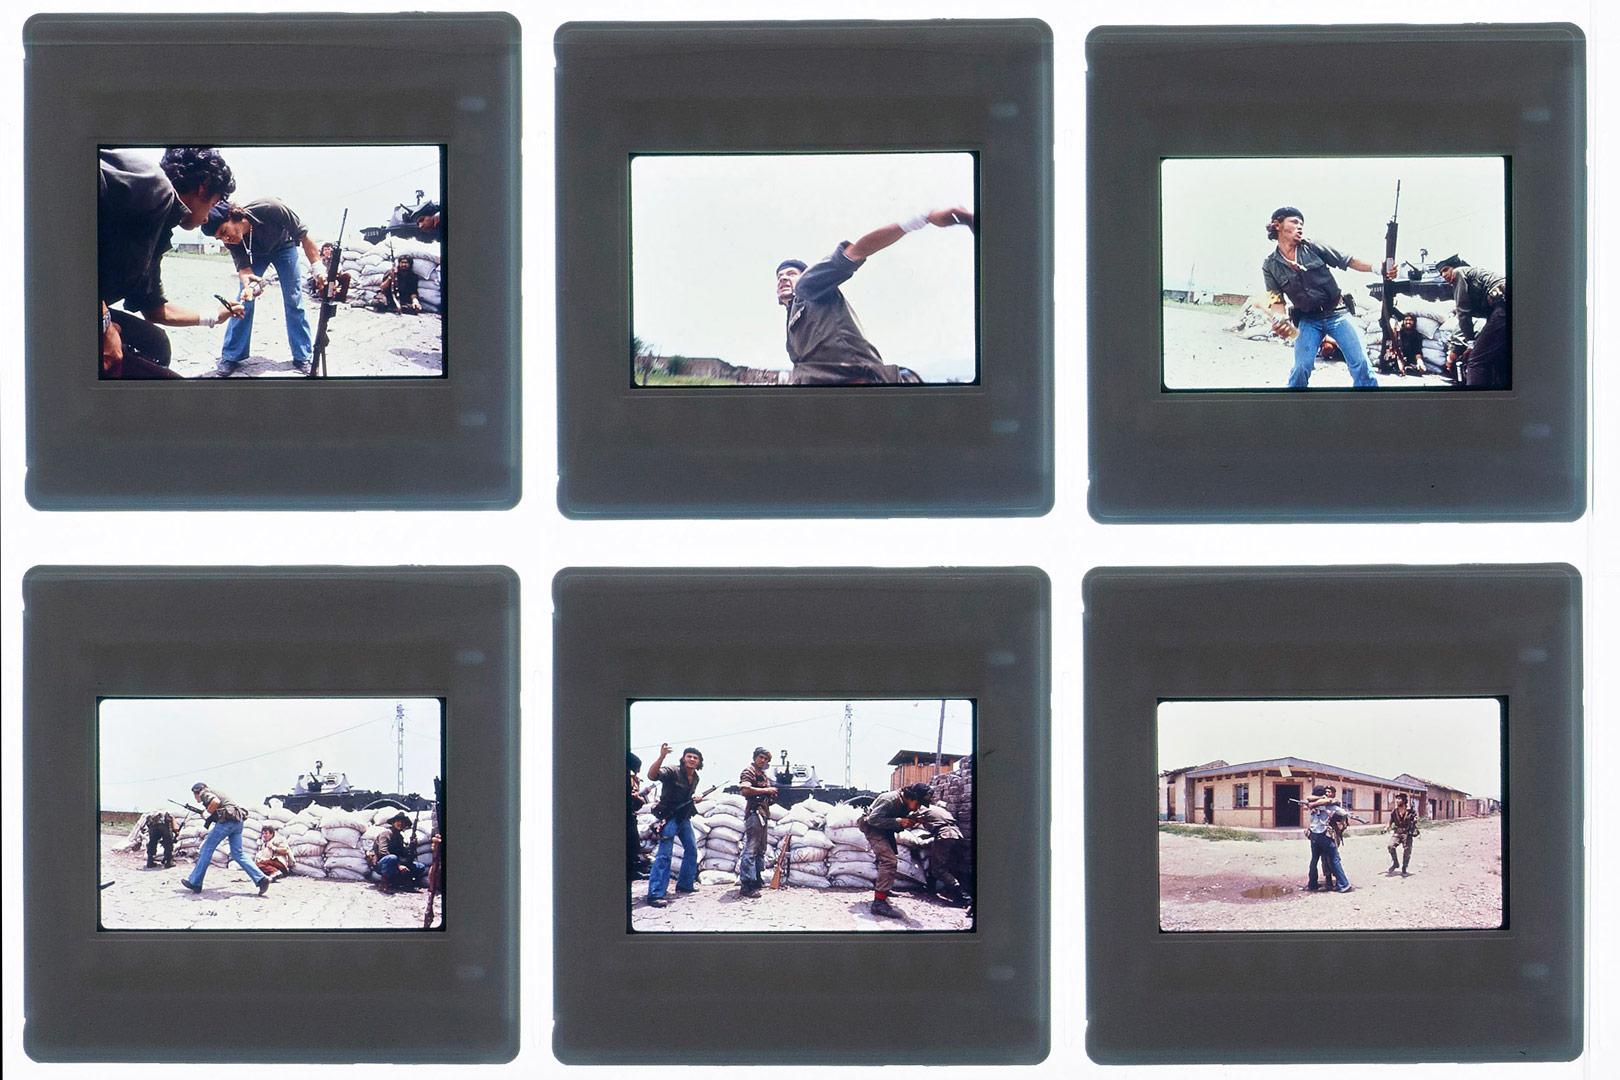 Contactos 3 # Susan Meiselas